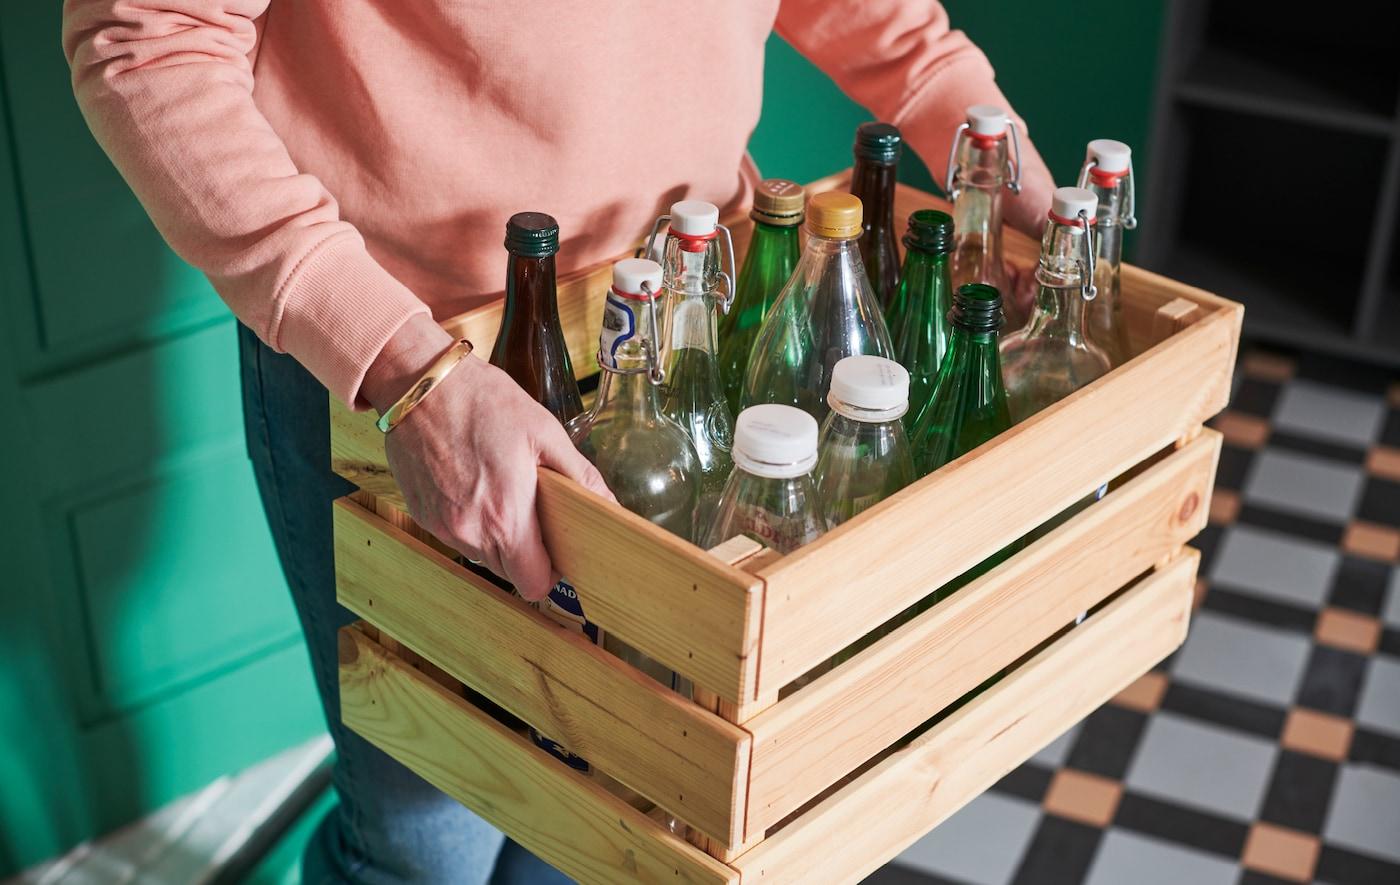 一个人提着装满各种杯子和塑料瓶的 KNAGGLIG 卡纳格 木储物箱穿过门厅。